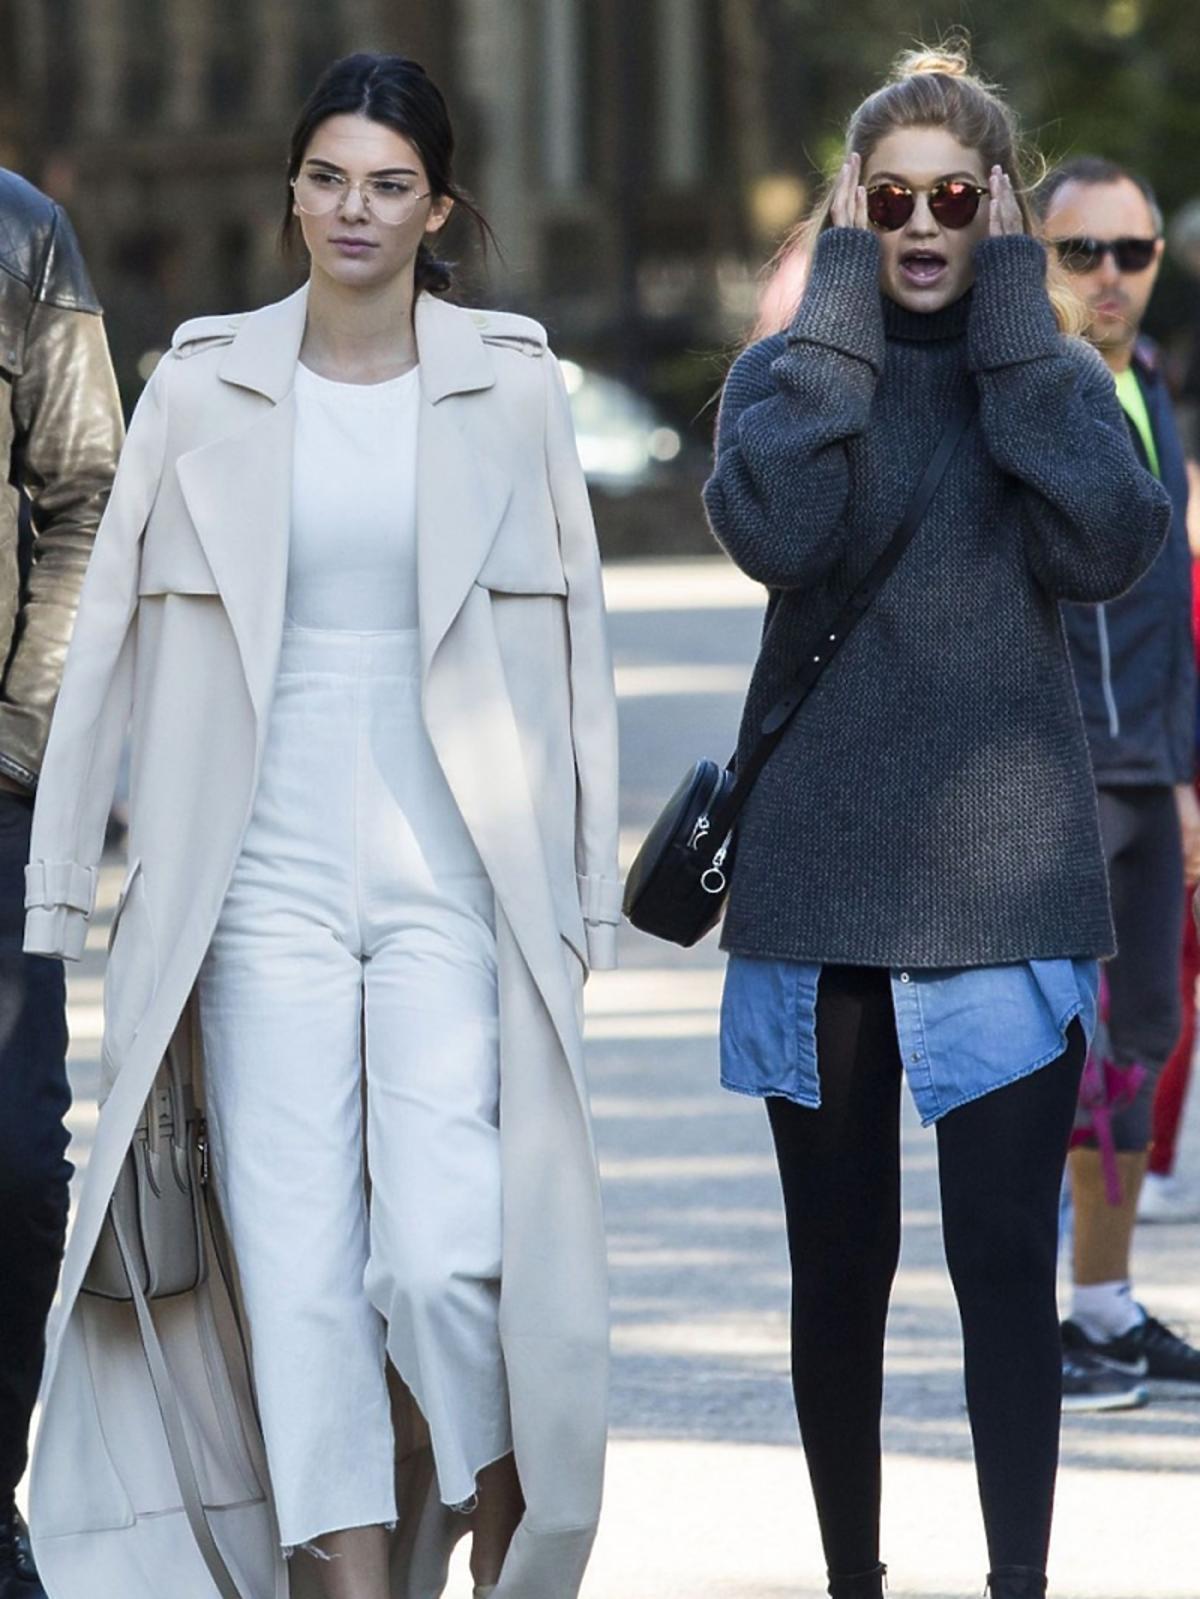 Kendall Jenner w beżowych płaszczu, białych spodniach i topie, beżowych butach z gwiazdkami, okularach